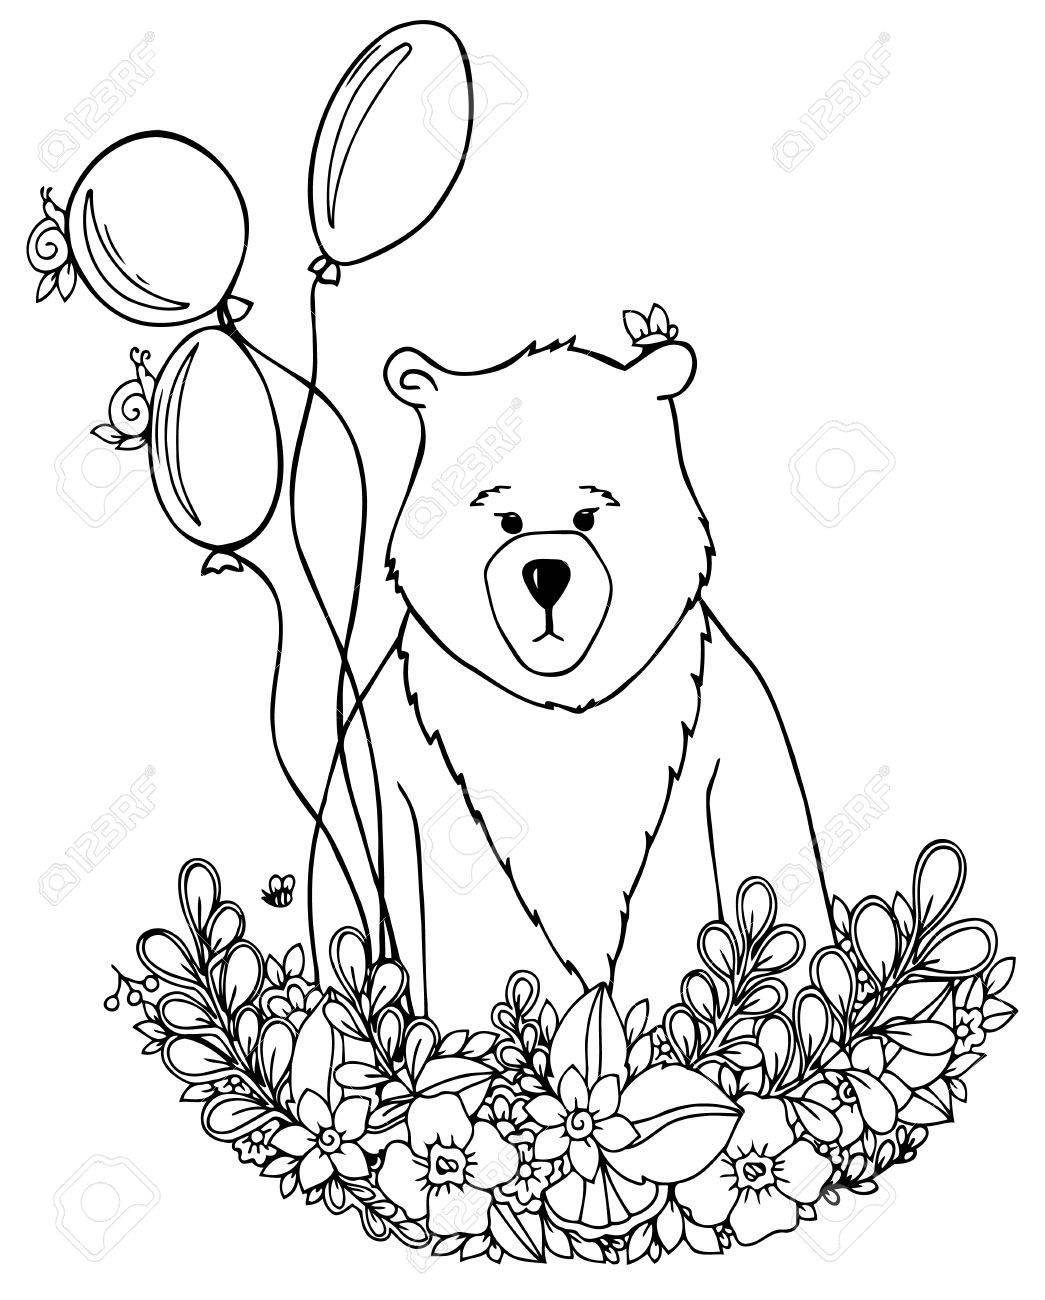 1045x1300 Vector Illustration Zentangl Bear In The Floral Frame Set. Doodle